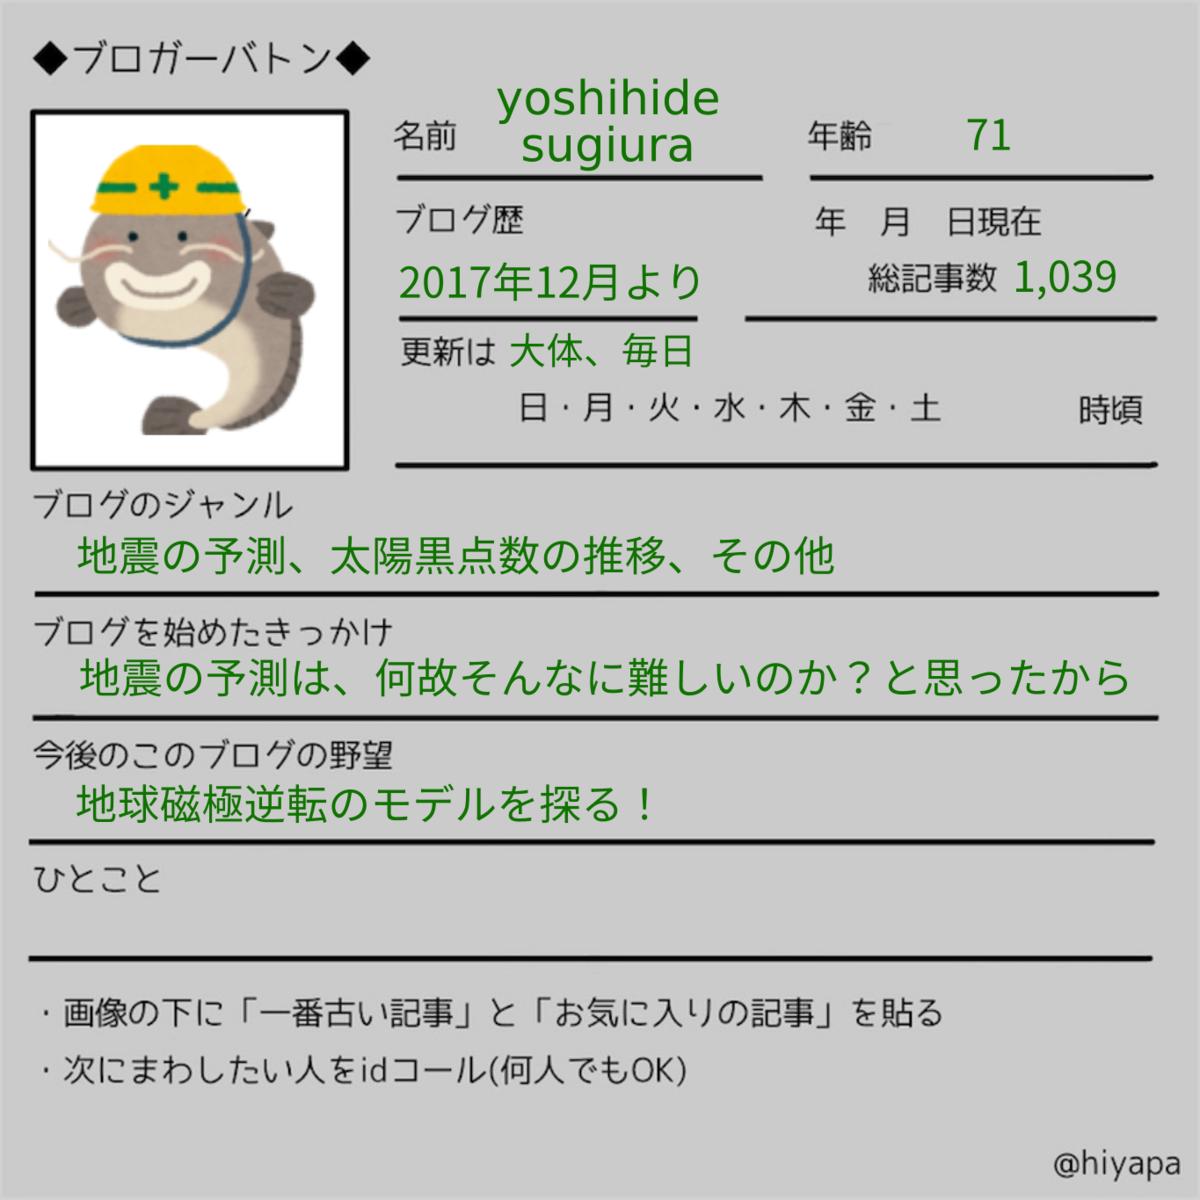 f:id:yoshihide-sugiura:20200704170431p:plain